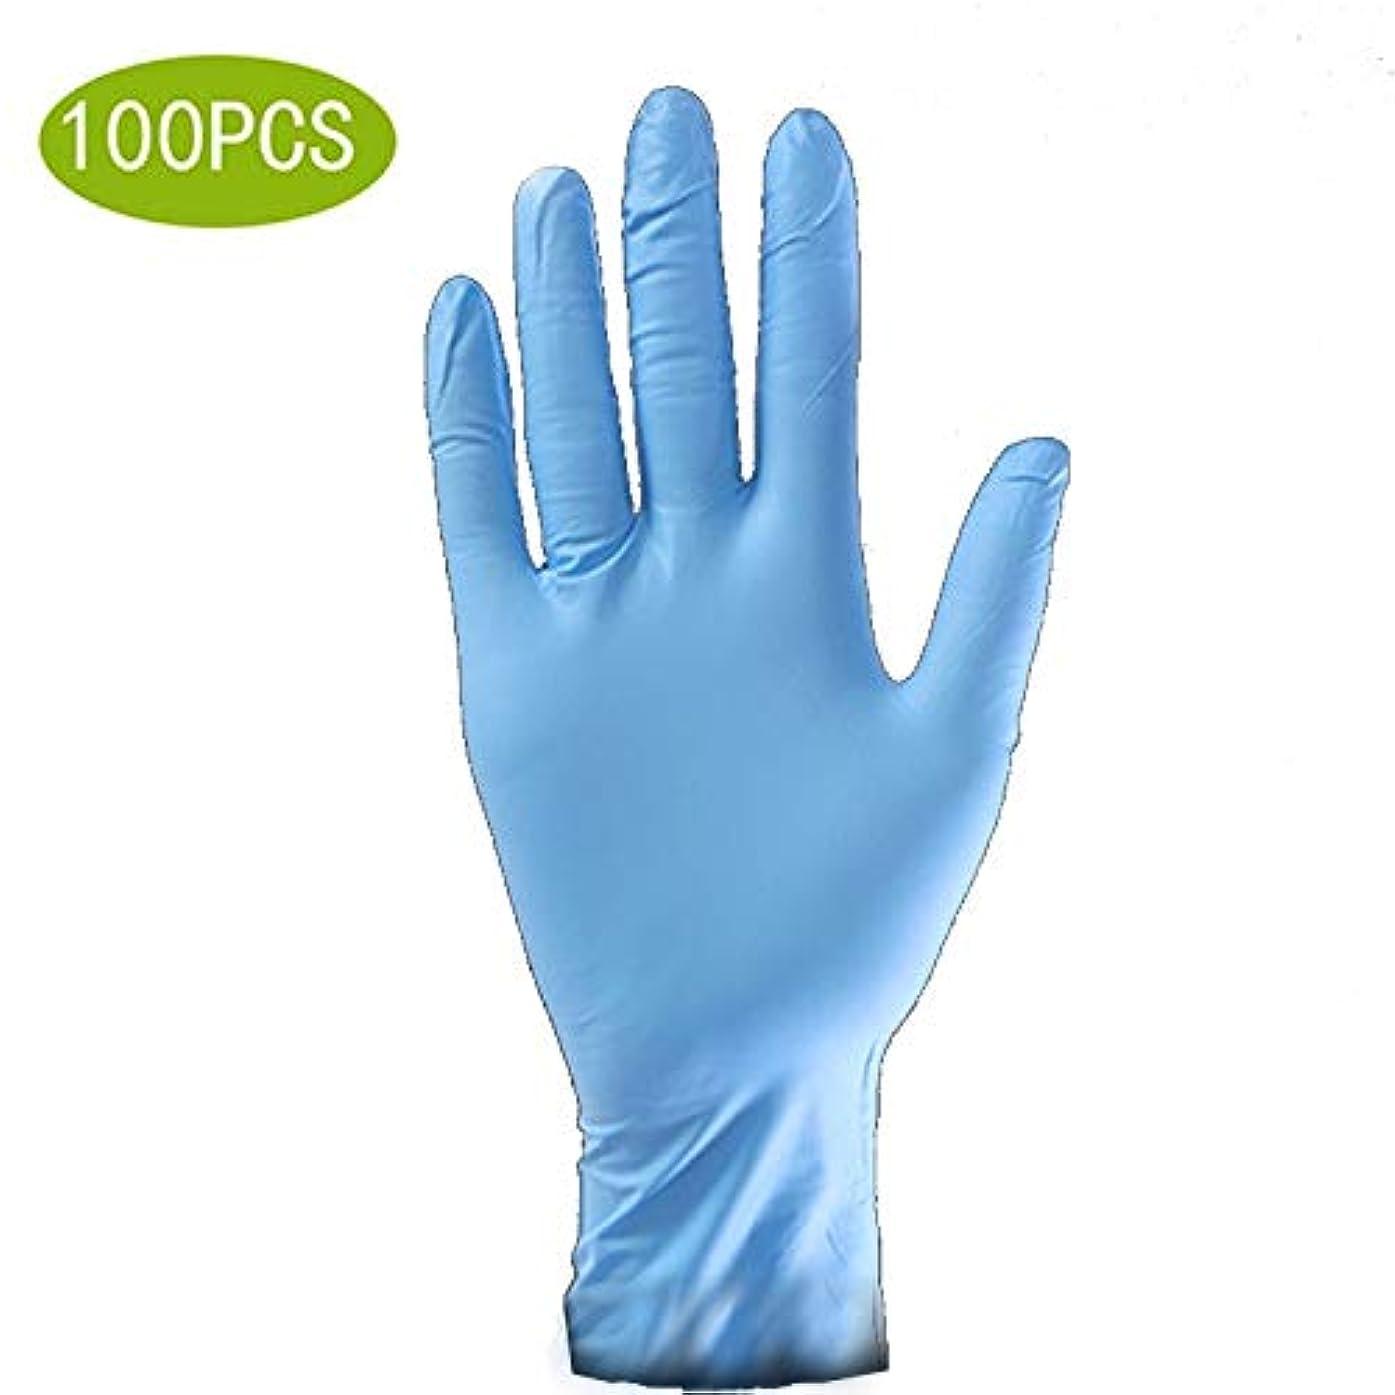 数学精巧な反逆者保護用使い捨てニトリル医療用手袋、3ミル、ラテックスフリー、試験グレードの手袋、質感のある、Ambidextrous、非滅菌の、FDA承認済みパック100 (Color : Blue, Size : S)